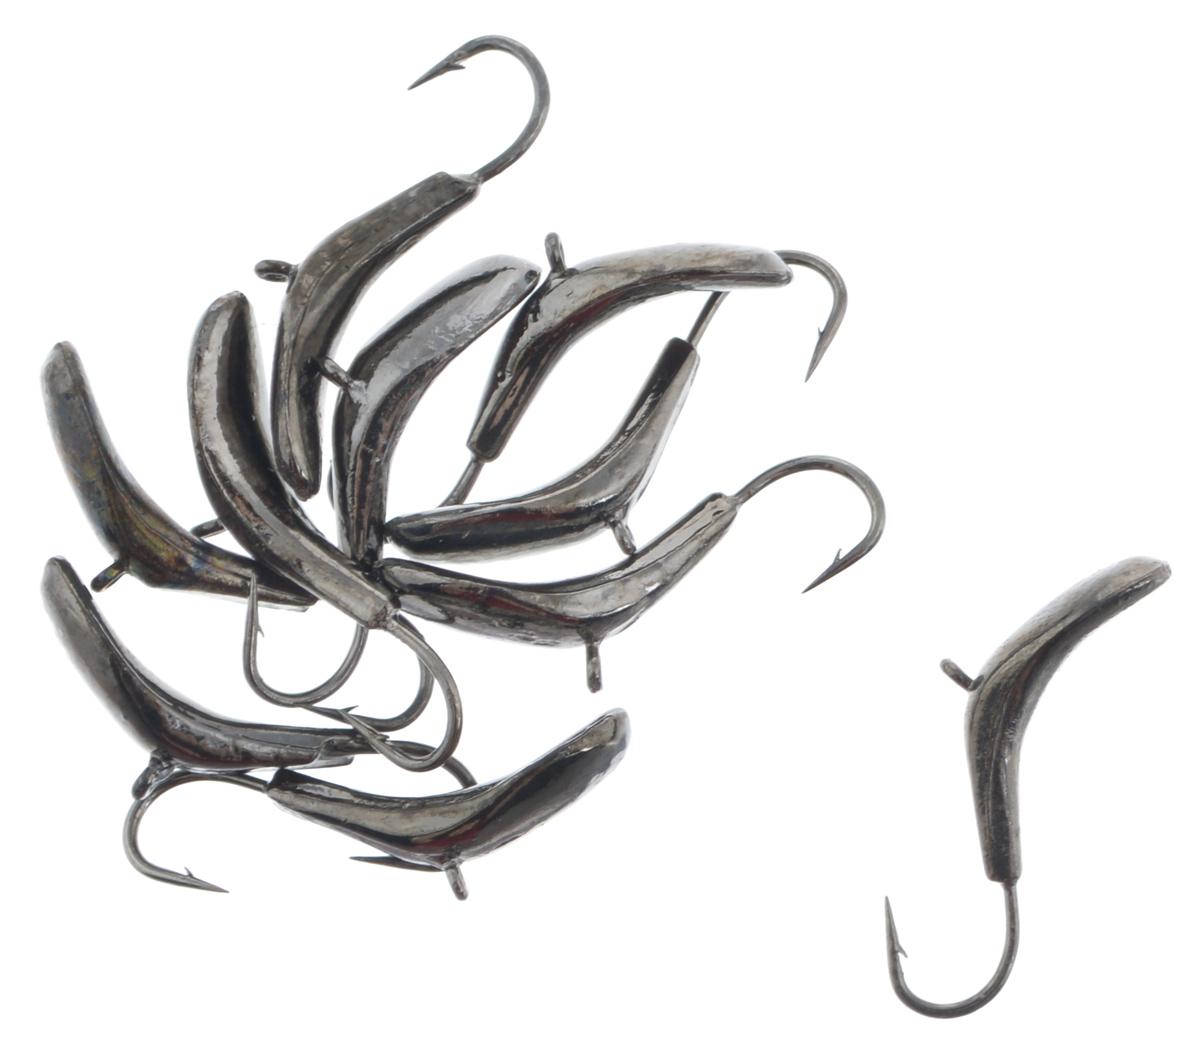 Мормышка вольфрамовая Dixxon-Russia, комар, цвет: черный никель, диаметр 3 мм, 0,6 г, 10 шт26896Мормышка Dixxon-Russia изготовлена из вольфрама и оснащена крючком. Главное достоинство вольфрамовой мормышки - большой вес при малом объеме. Эта особенность дает большие преимущества при ловле, так как позволяет быстро погрузить приманку на требуемую глубину и лучше чувствовать игру мормышки.Диаметр мормышки: 3 мм.